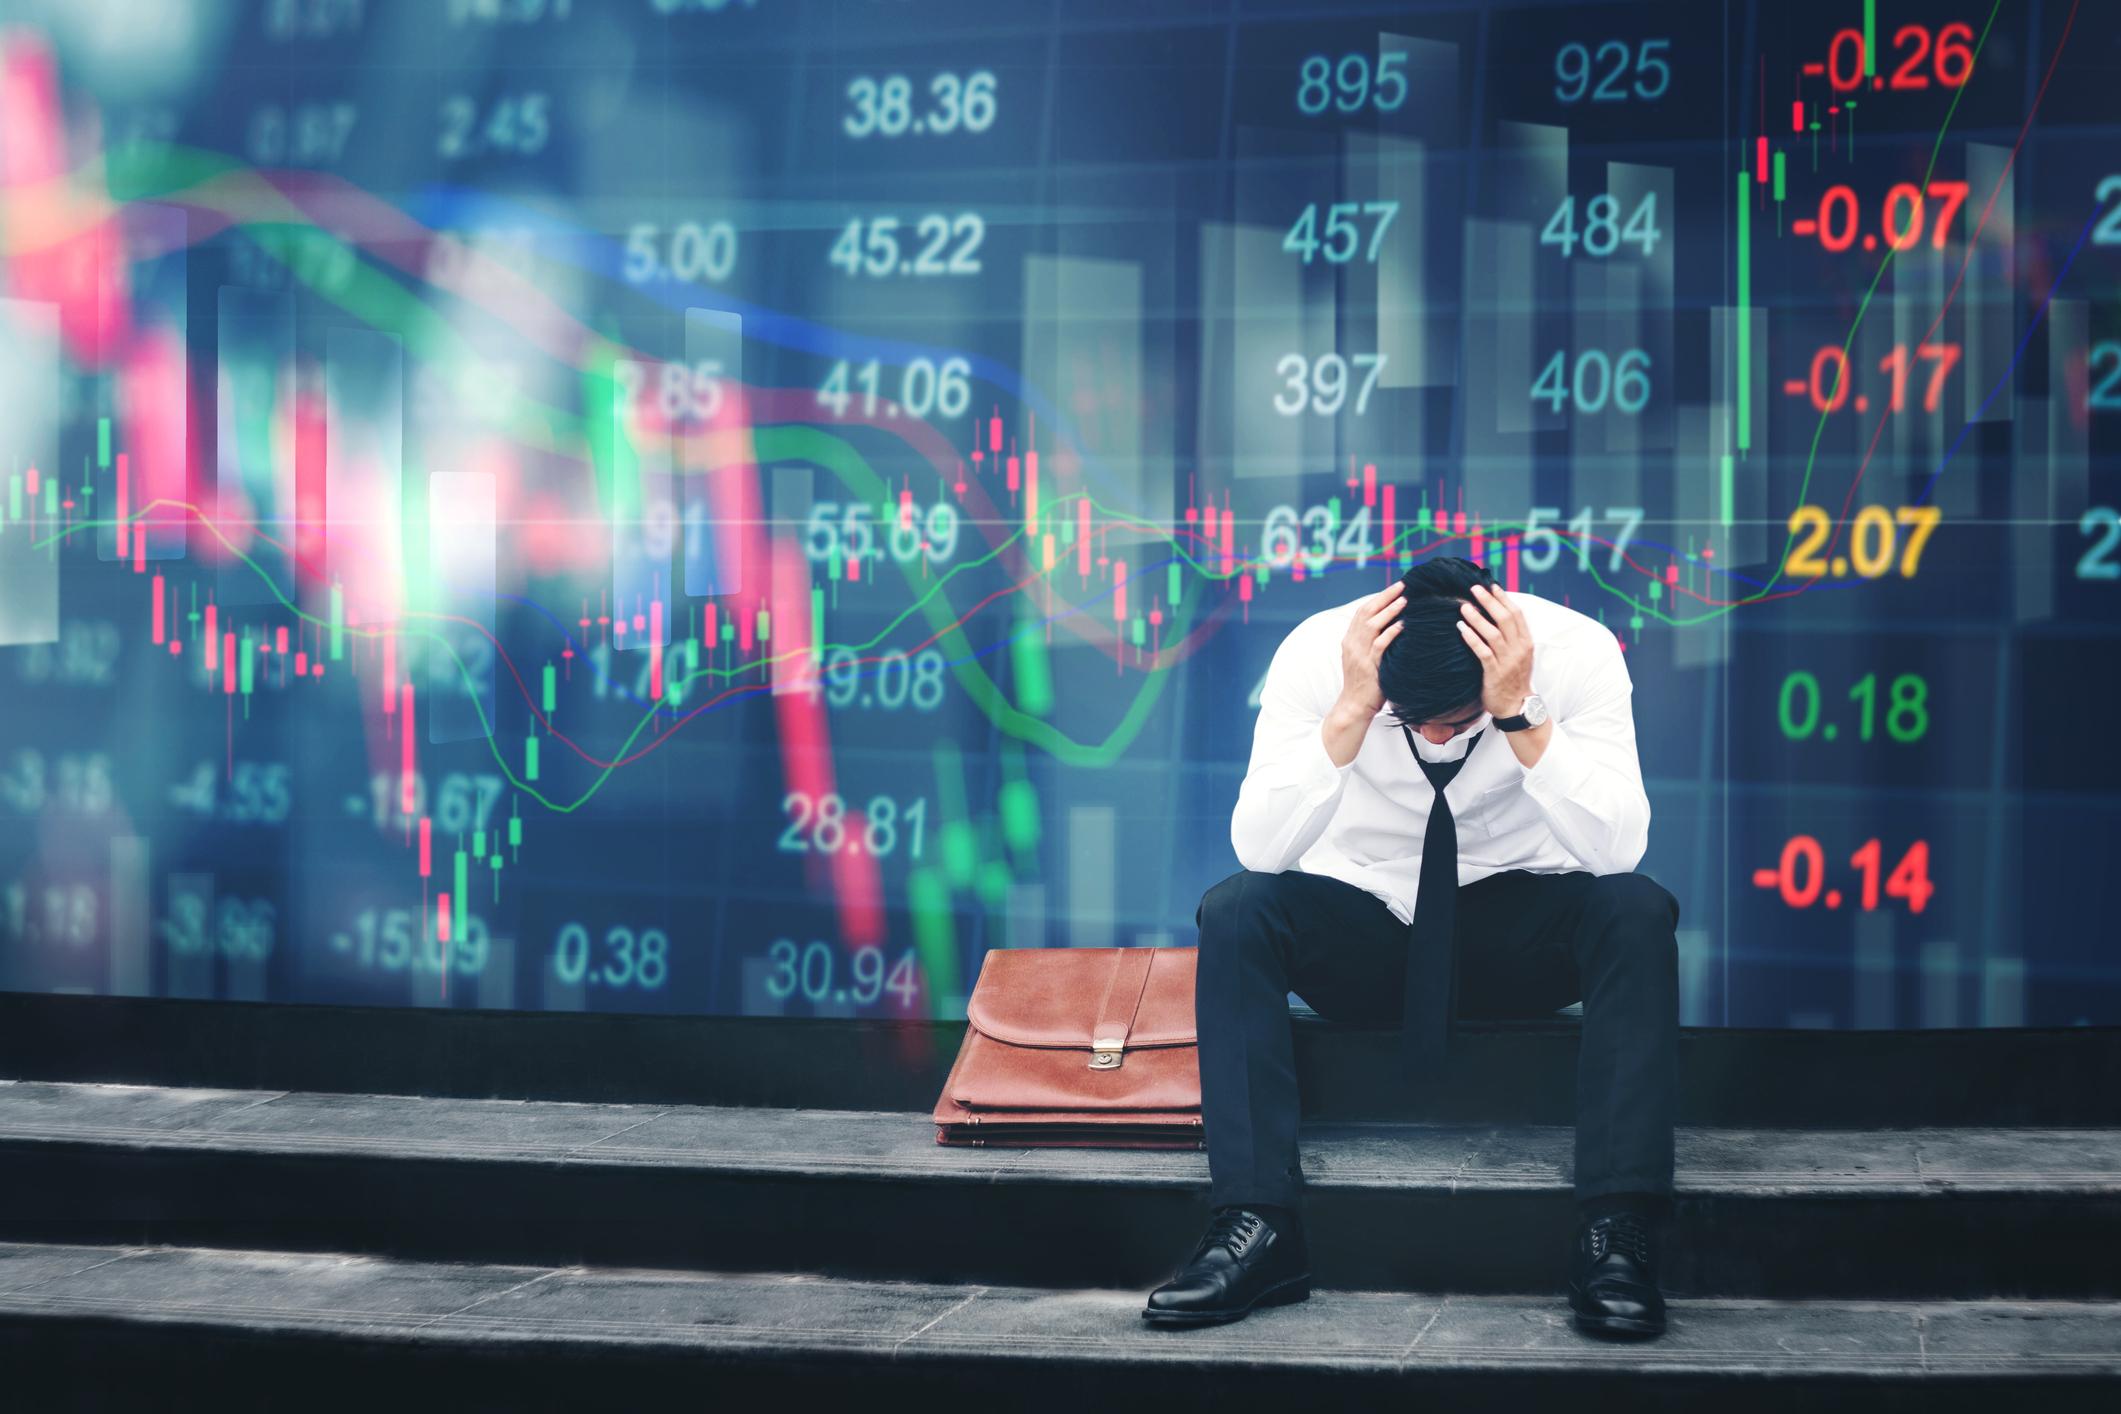 Depressed investor